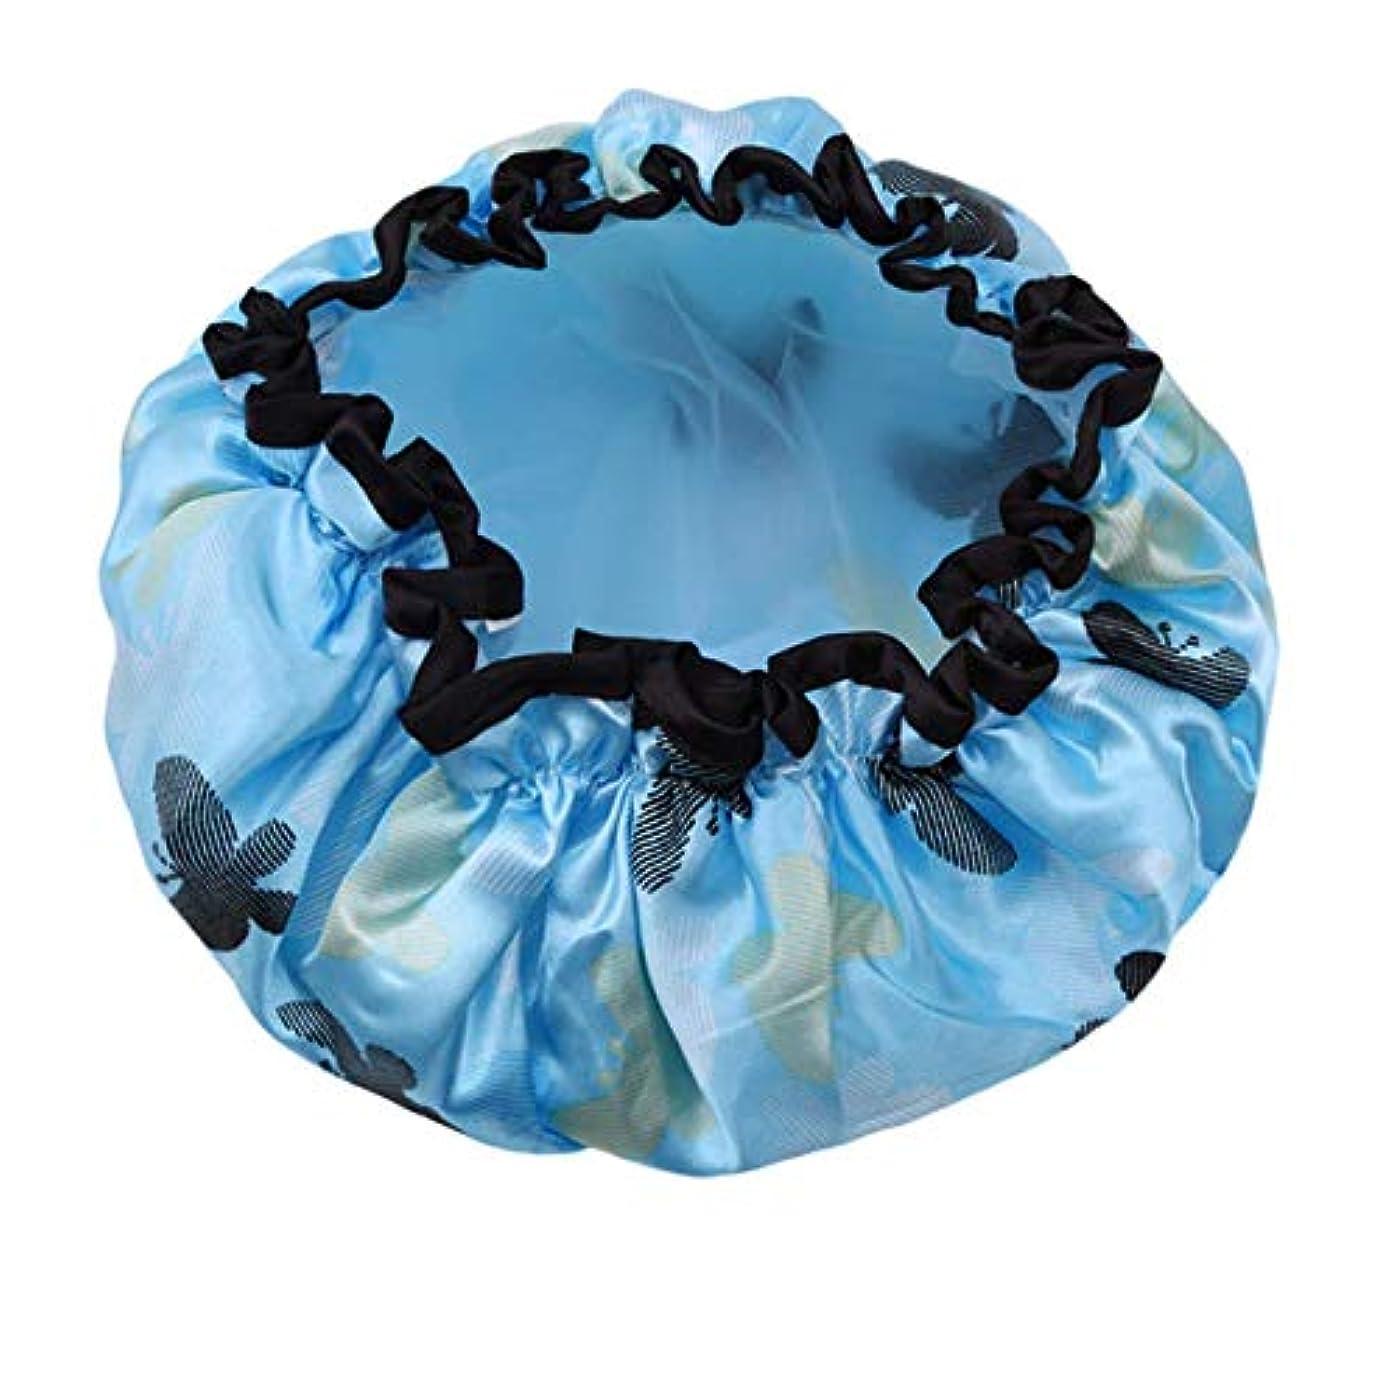 オペレーター別れる長くする1st market プレミアム二層バスキャップエラスティックバンドシャワー帽子防水女性用シャワースパスタイル3